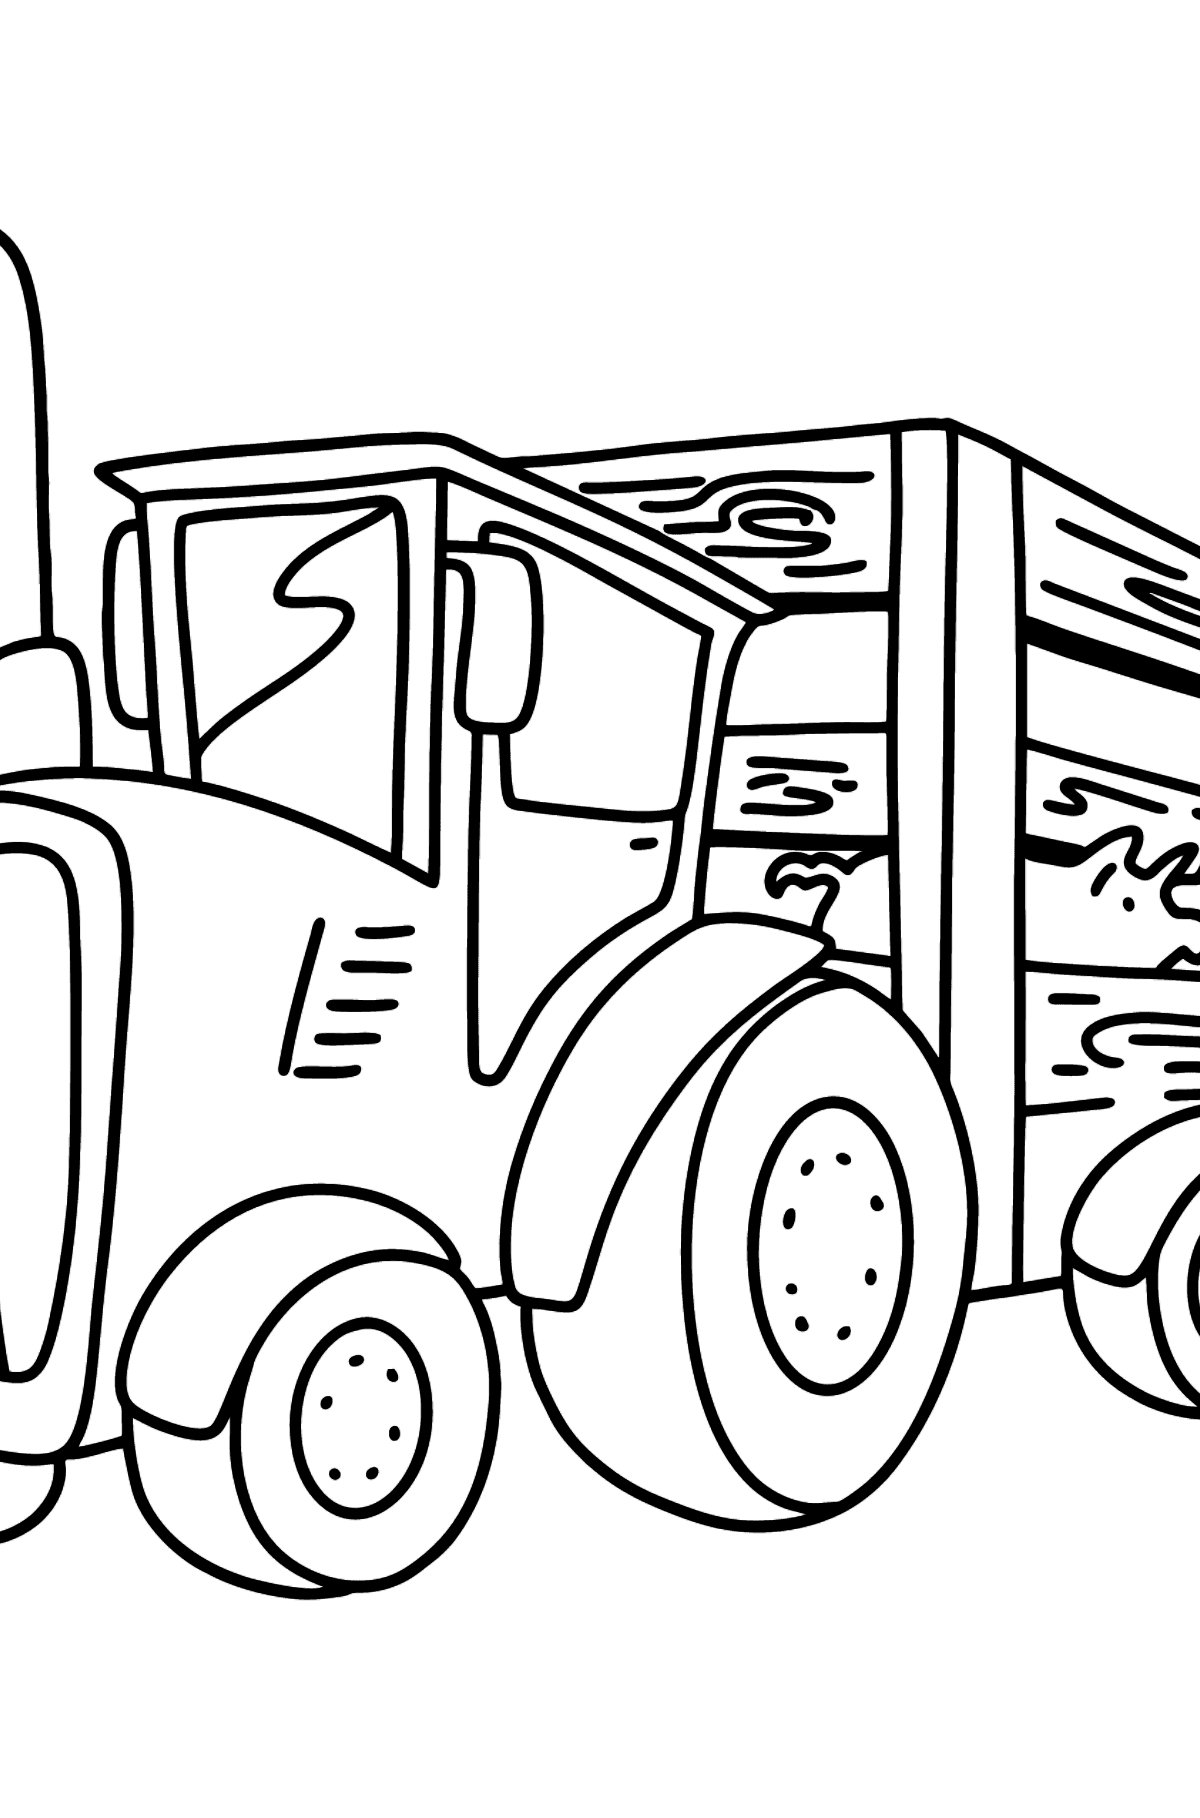 Раскраска трактор с прицепом для свиней - Картинки для Детей